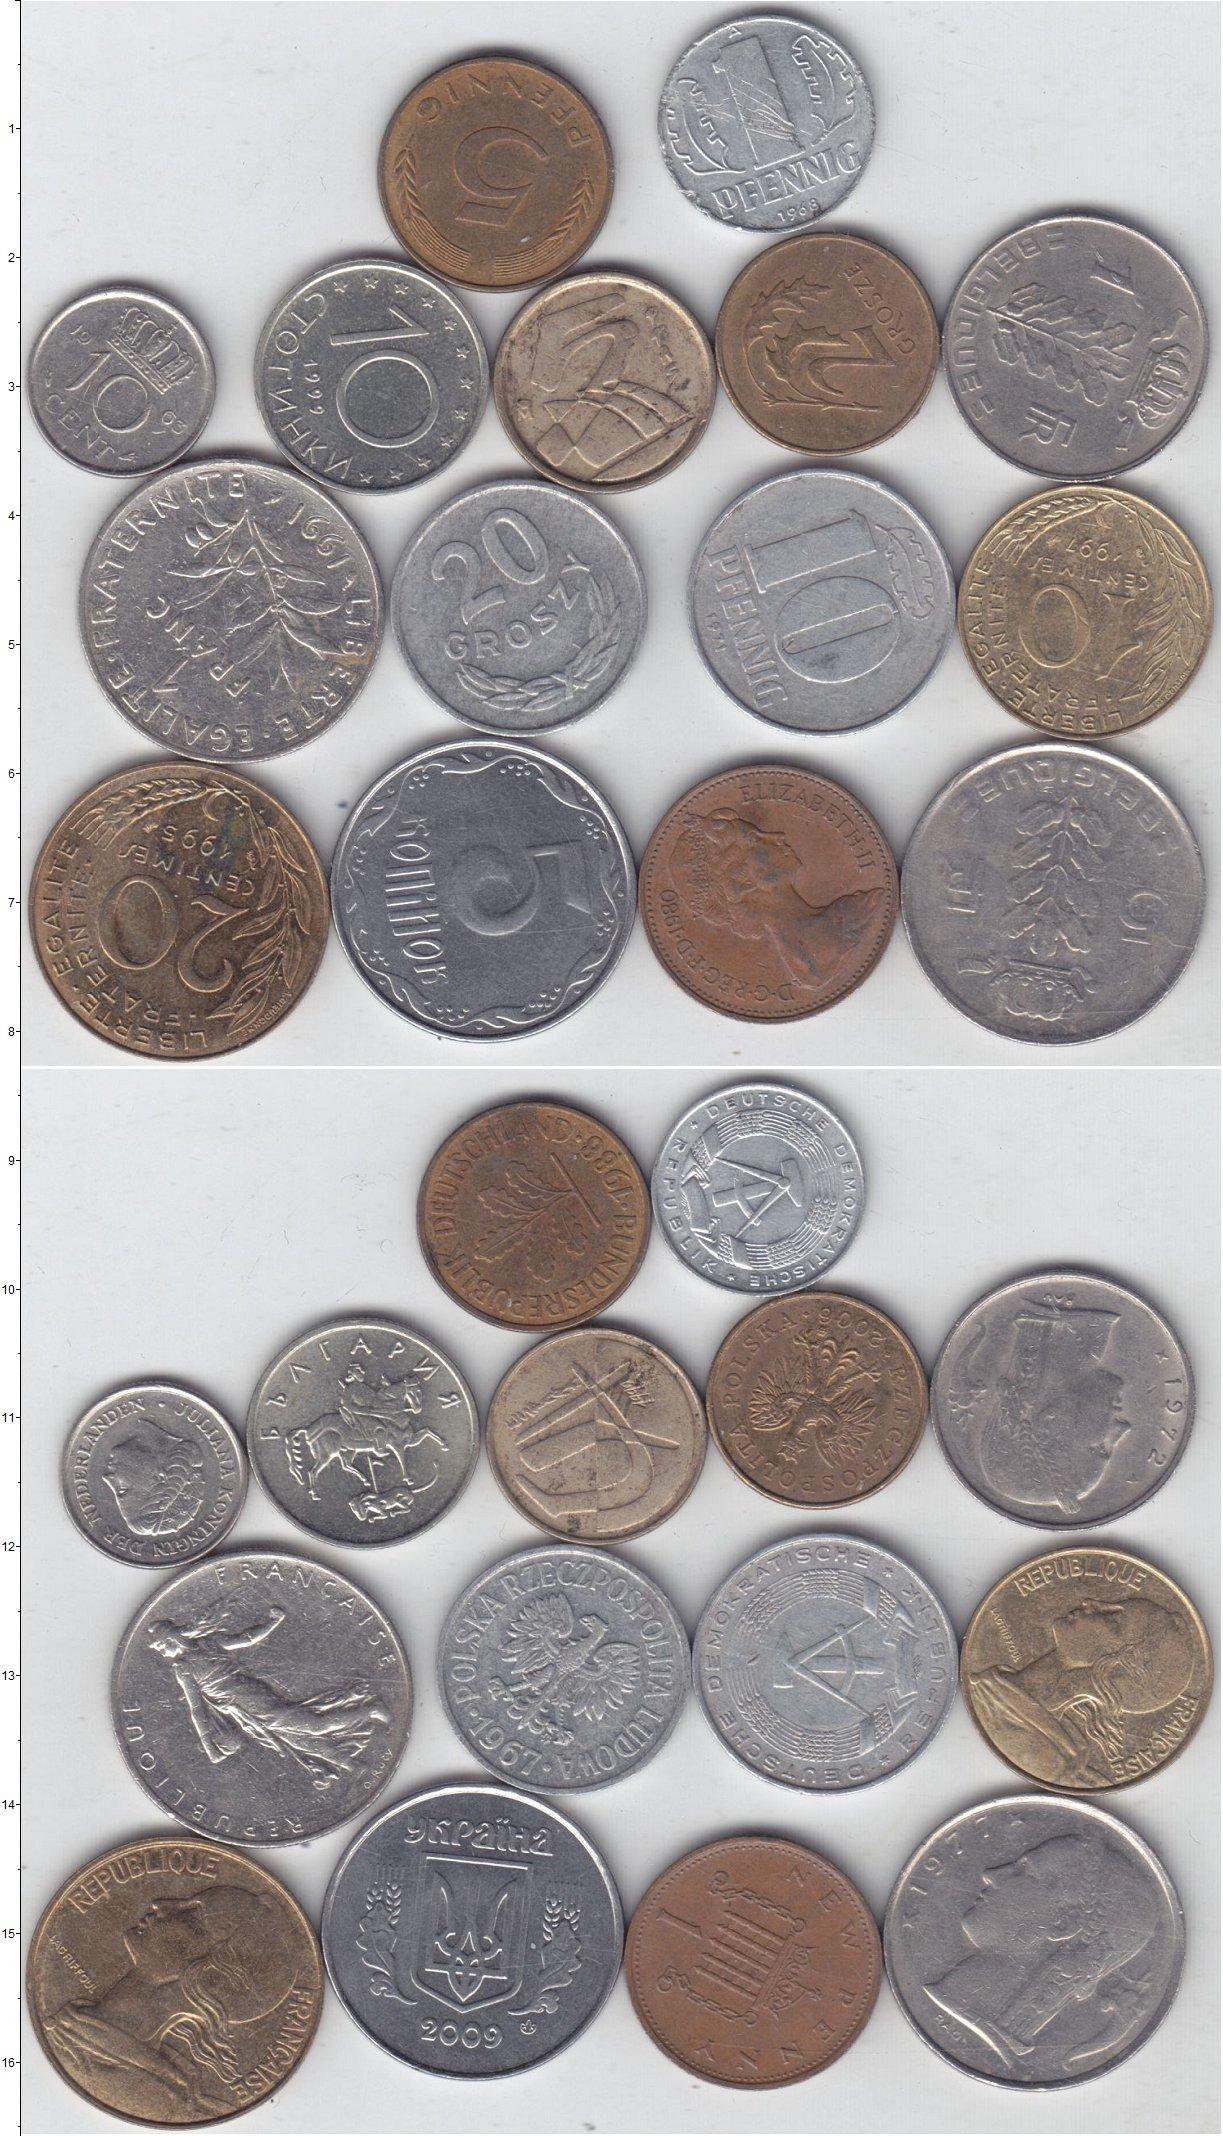 Картинка Лоты монет для начинающих нумизматов Монеты стран мира Лот №01295  0